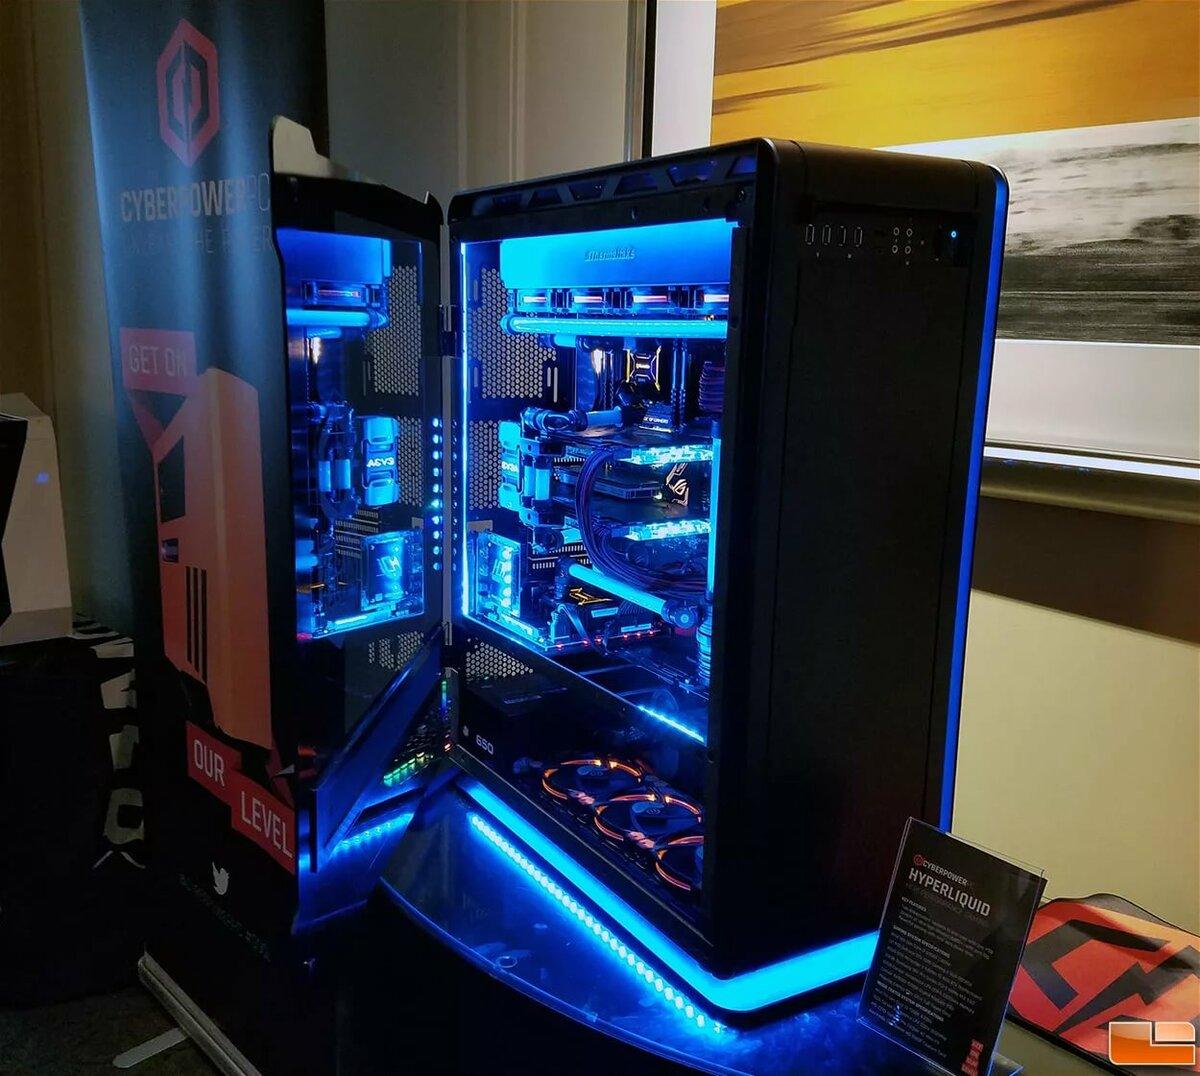 селфи красивая картинка игрового компьютера постеры